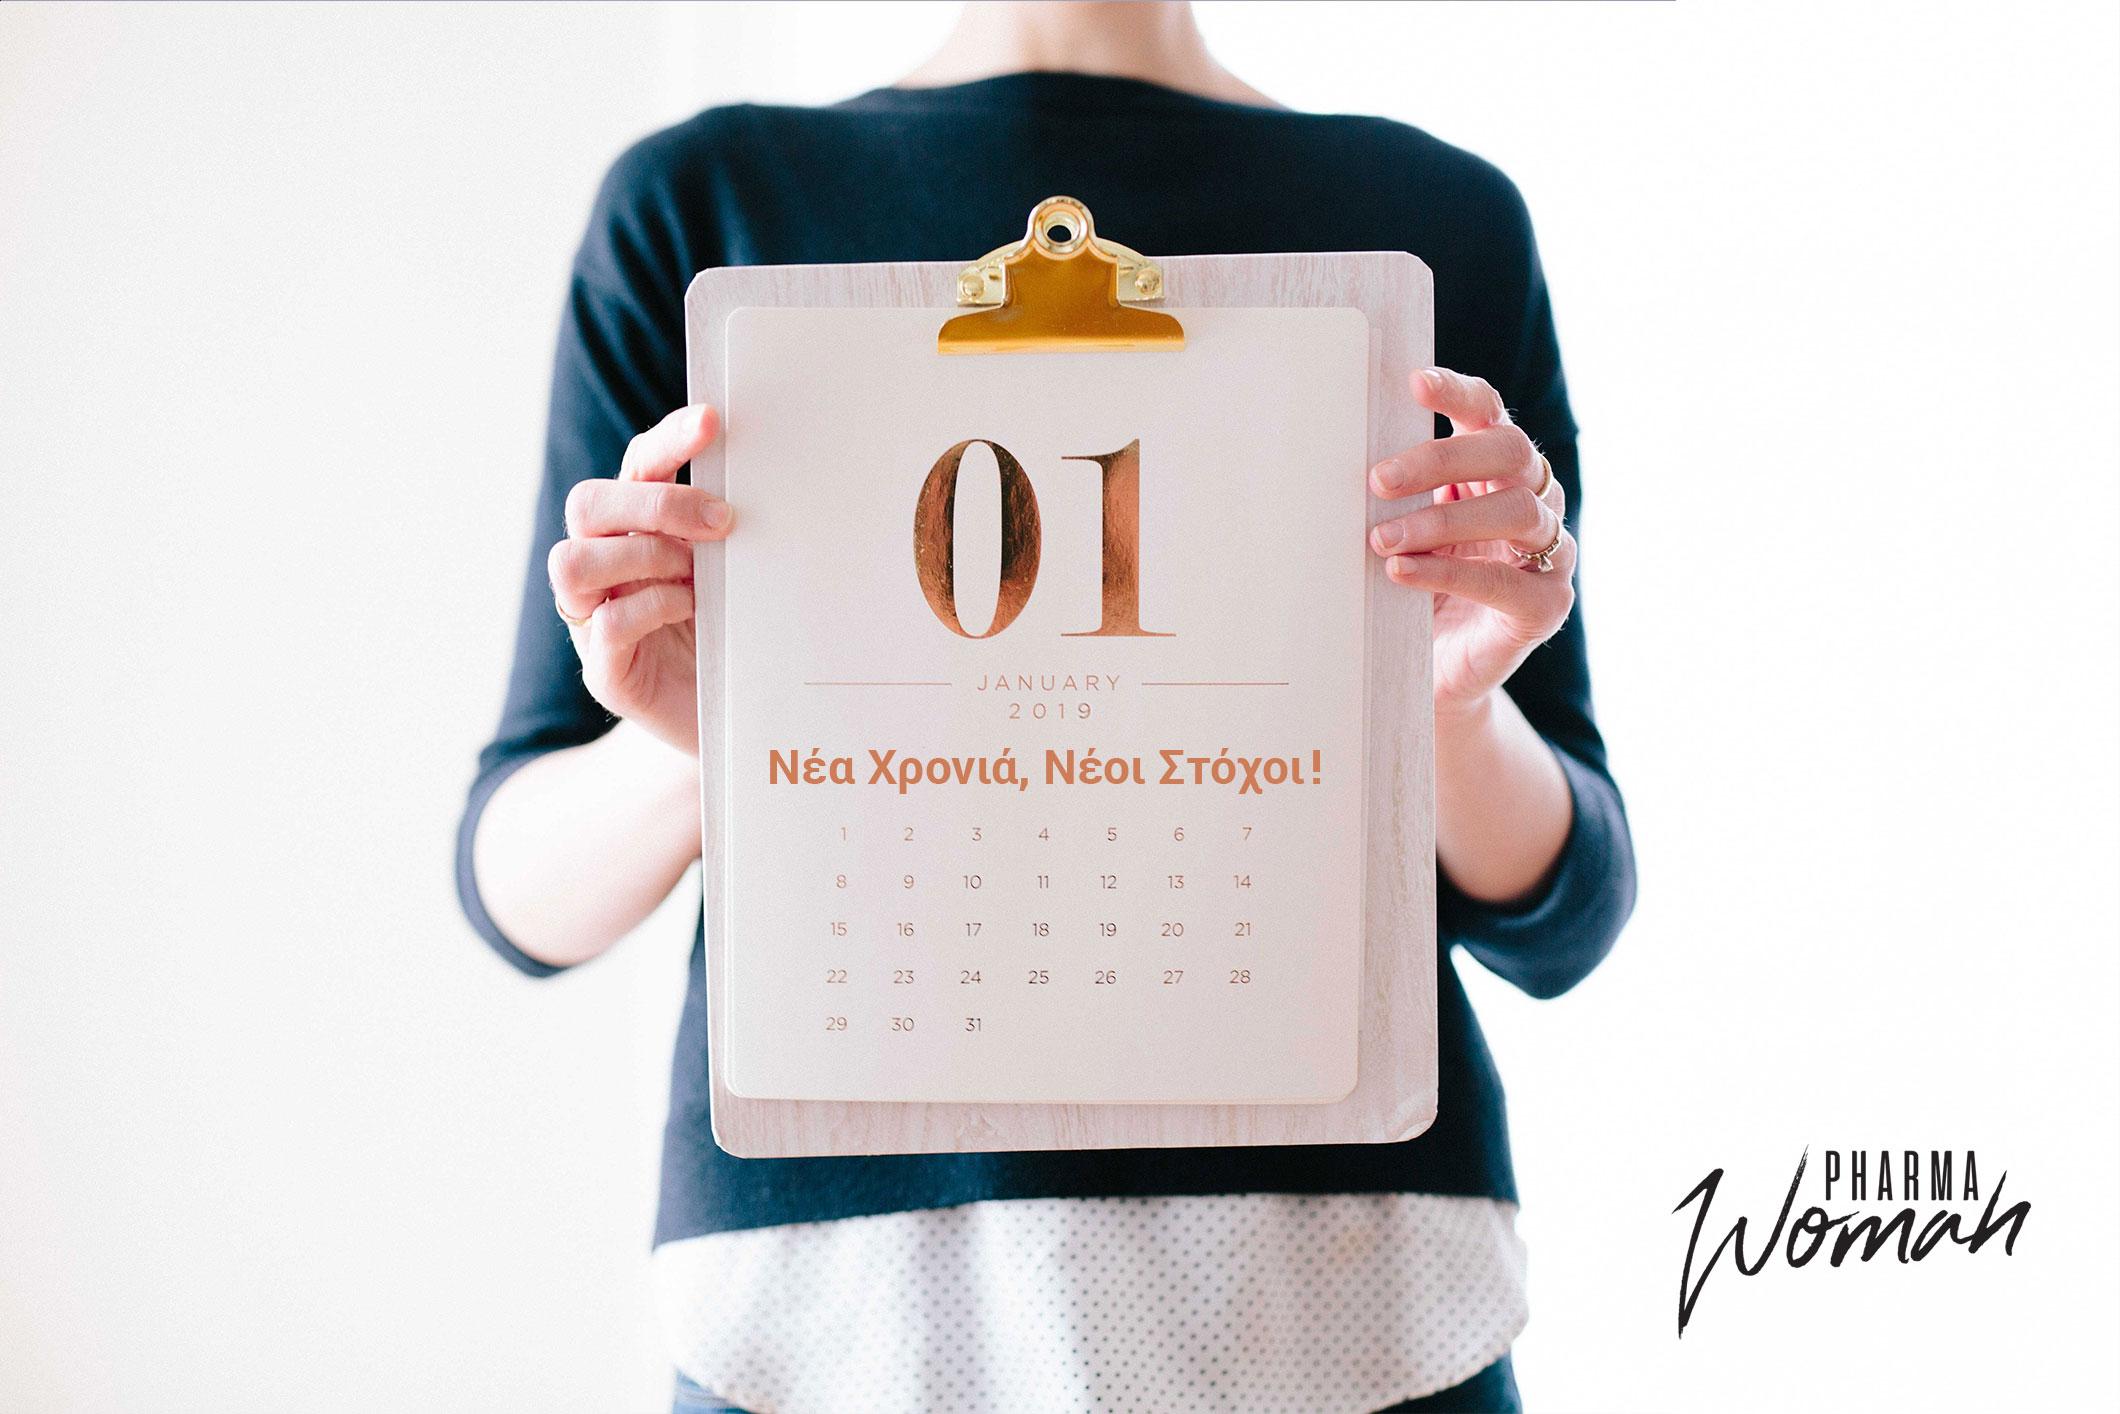 Καλώς ήρθες 2019 | pharmawoman.gr